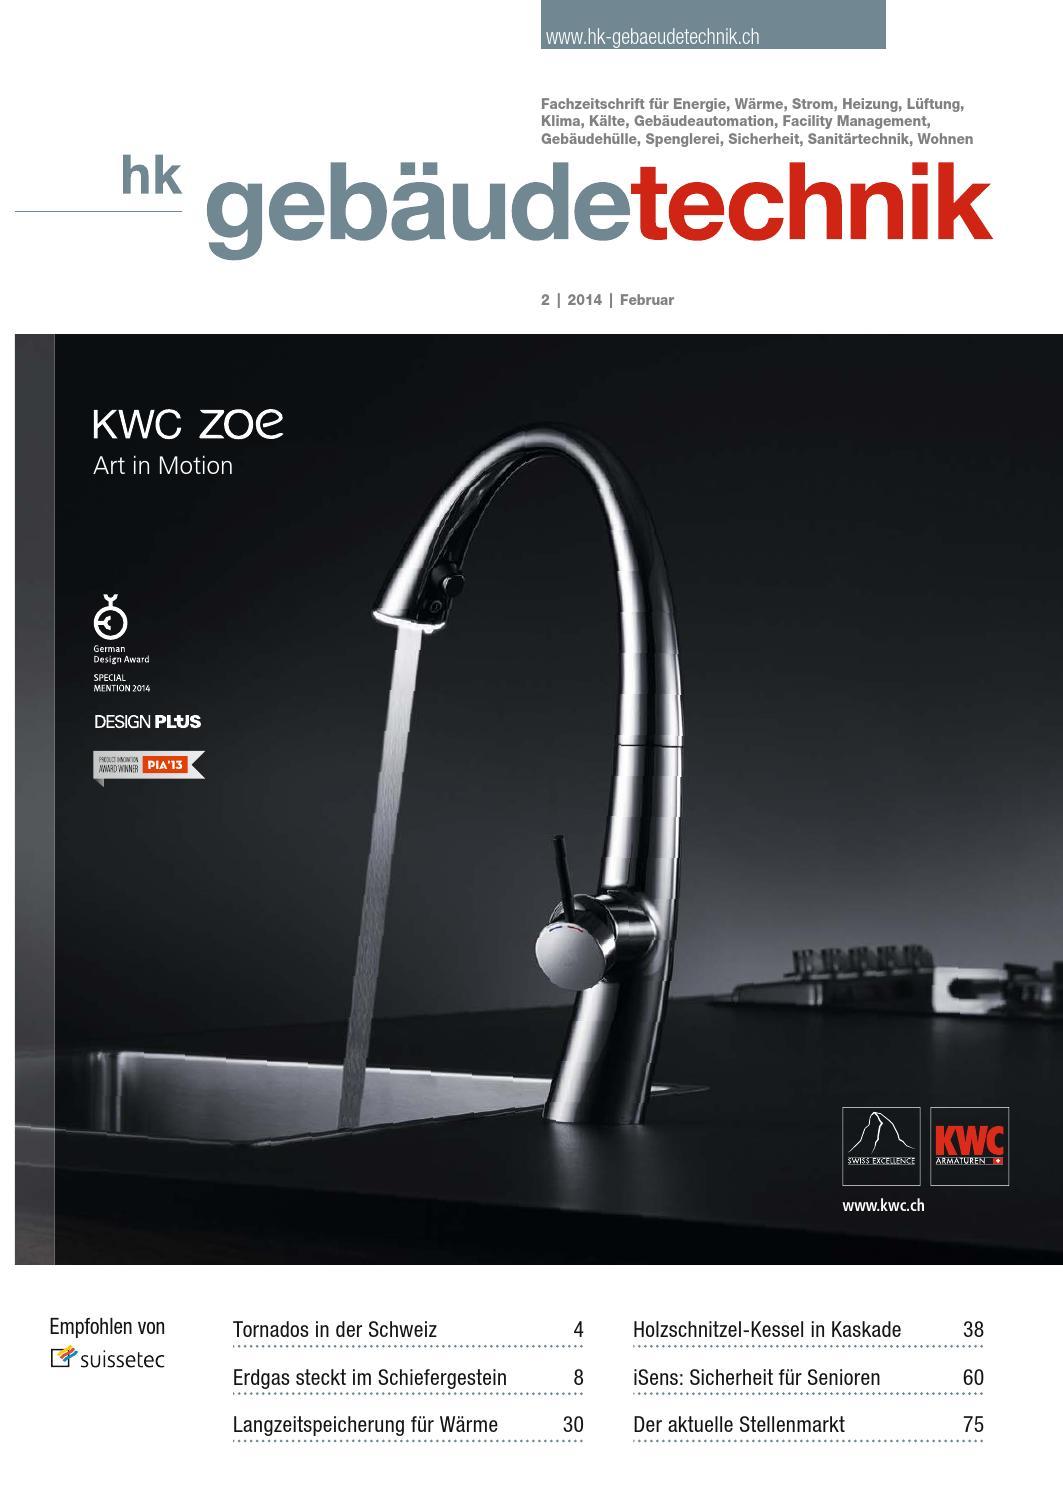 HK-gt 2014/02 by AZ Fachverlage AG - issuu